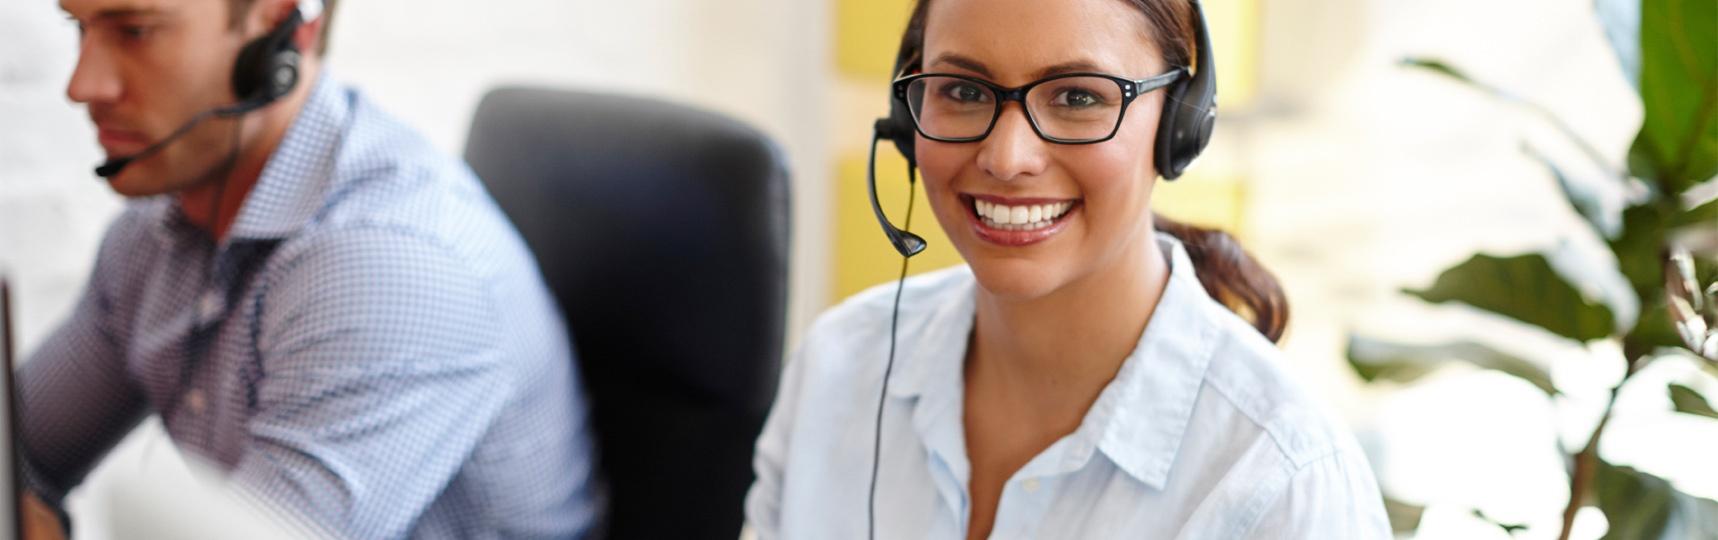 Contact a Blue Link Sales Representative